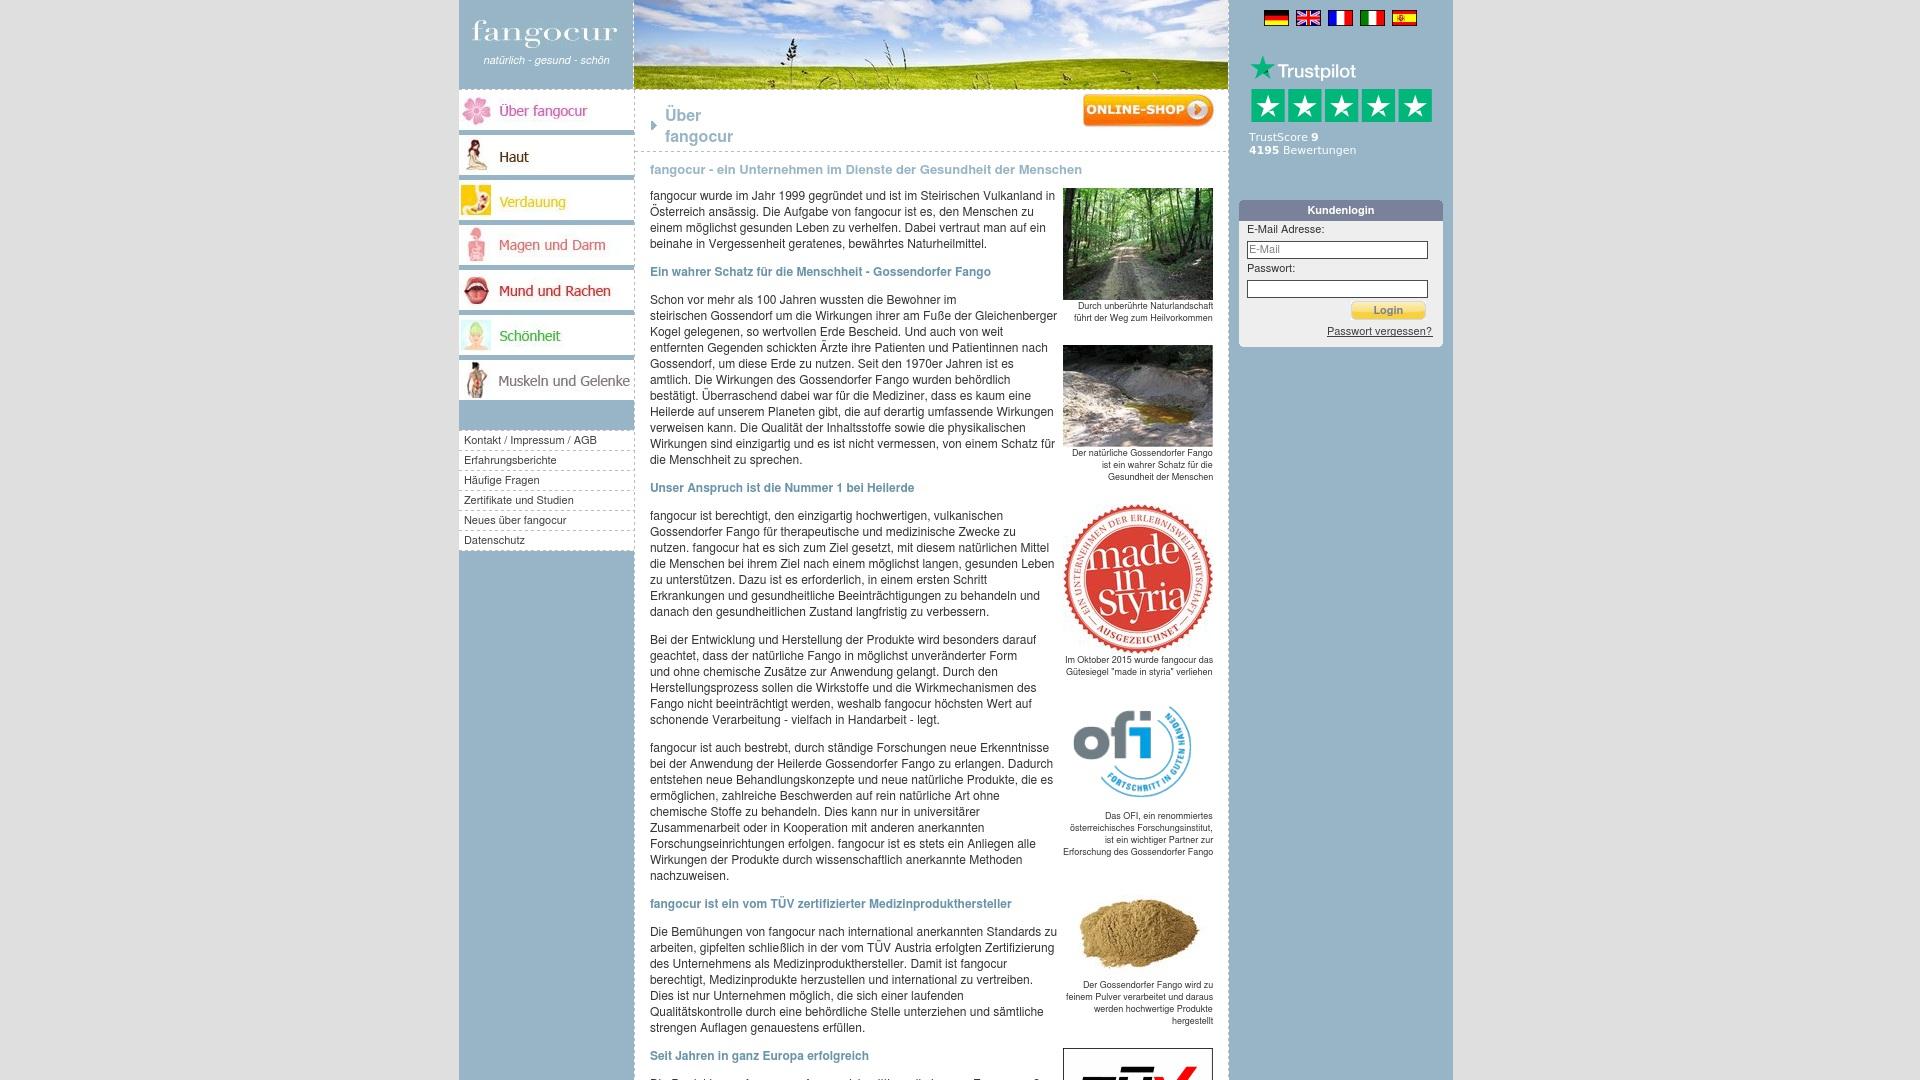 Gutschein für Fangocur: Rabatte für  Fangocur sichern